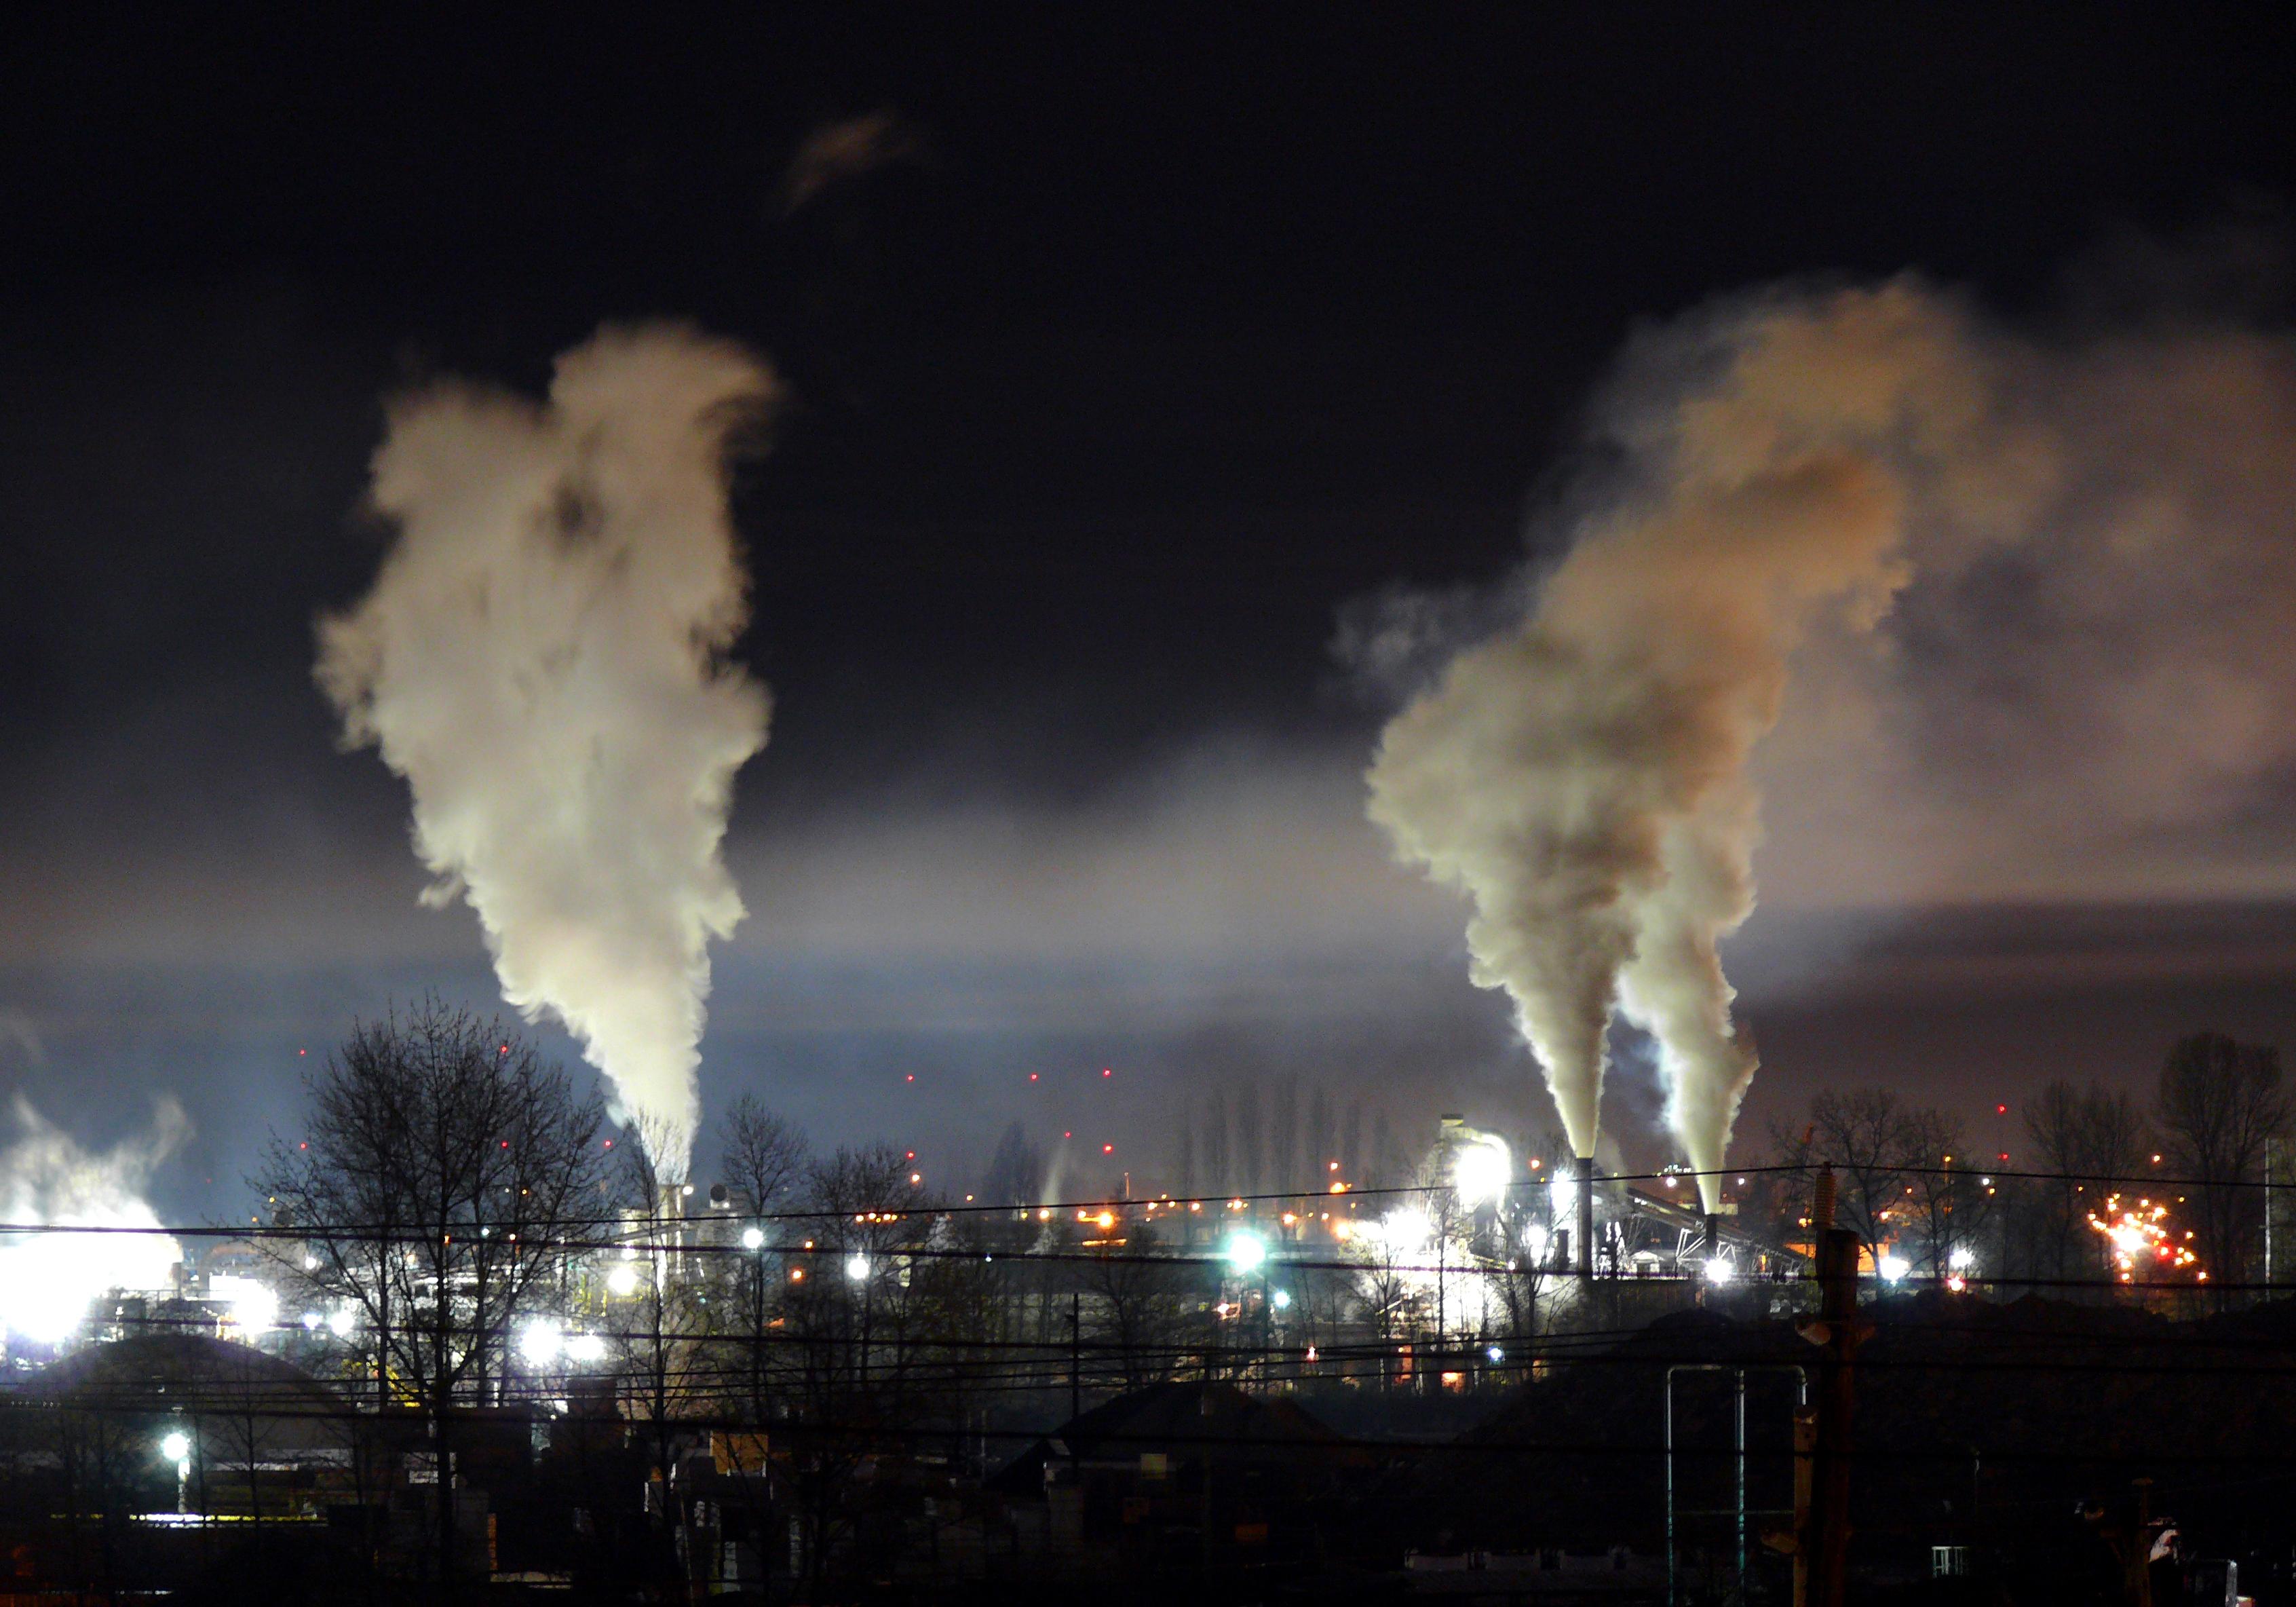 Night light wikipedia - File Heavy Night Industrial Light Pollution Jpg